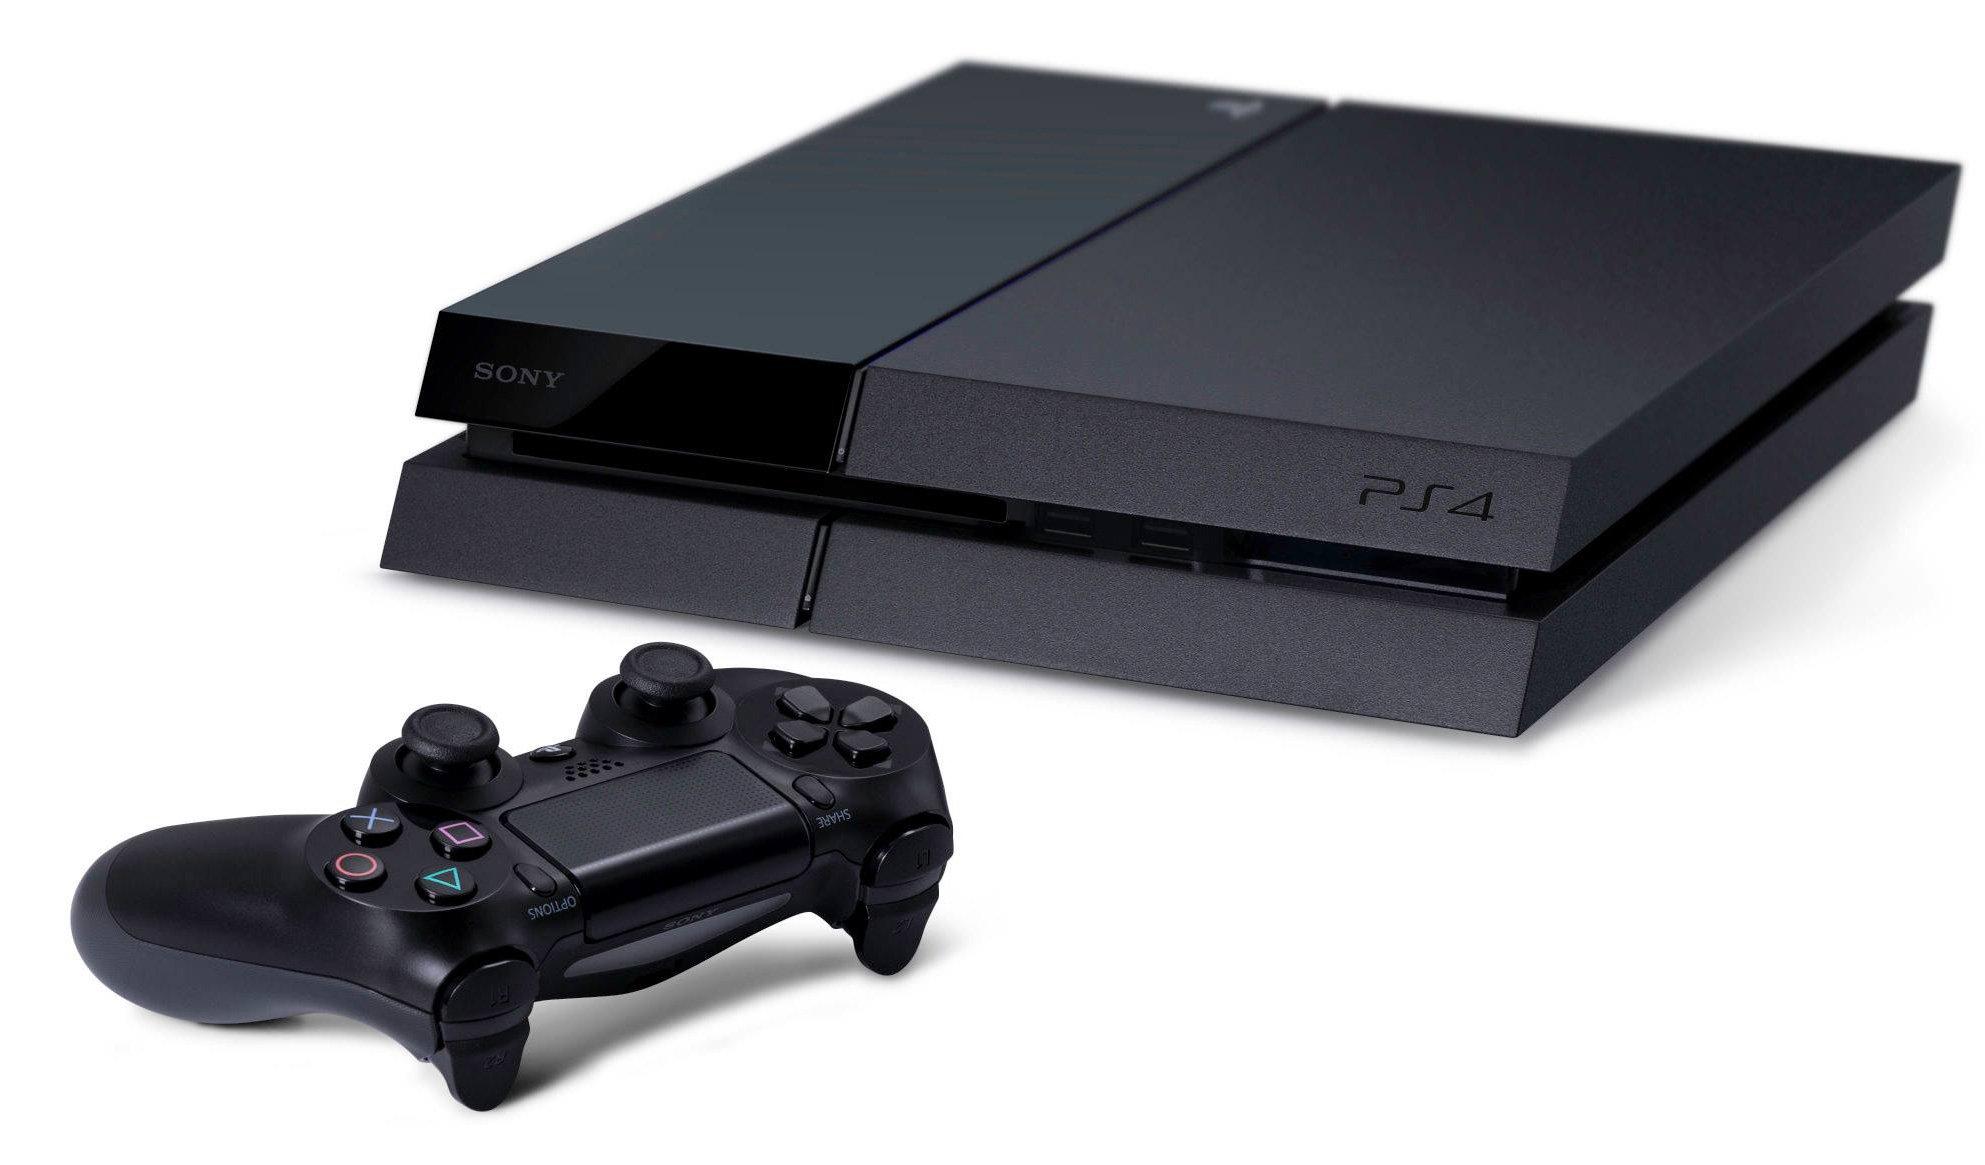 20 фактов о PS4, которых вы не знали  1.Первым фактом является новый интерфейс, который пришёл на смену XMB, использ ... - Изображение 1